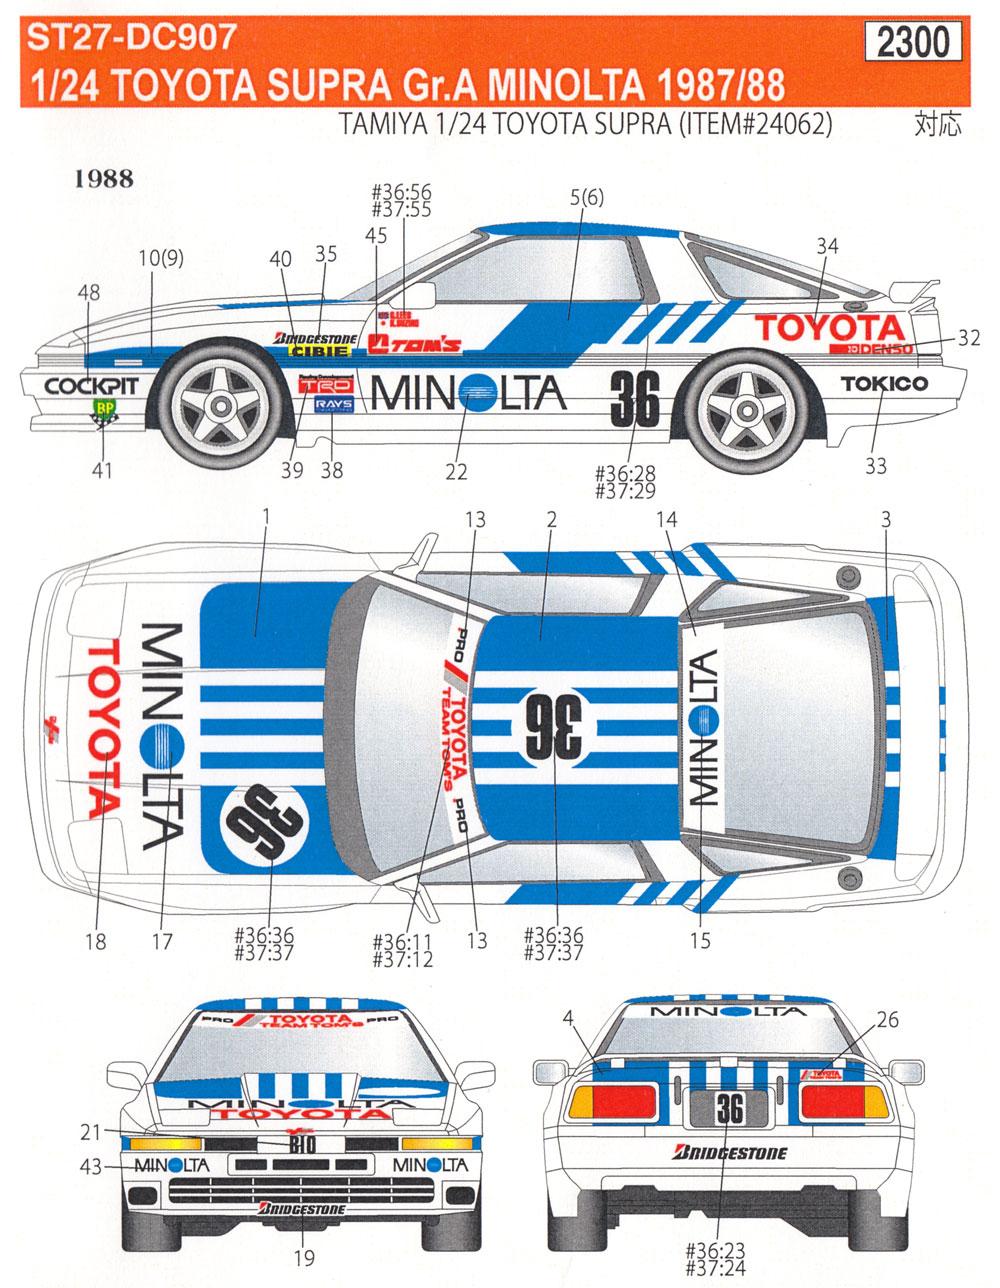 トヨタ スープラ Gr.A ミノルタ 1987/88 デカールデカール(スタジオ27ツーリングカー/GTカー オリジナルデカールNo.DC907)商品画像_1